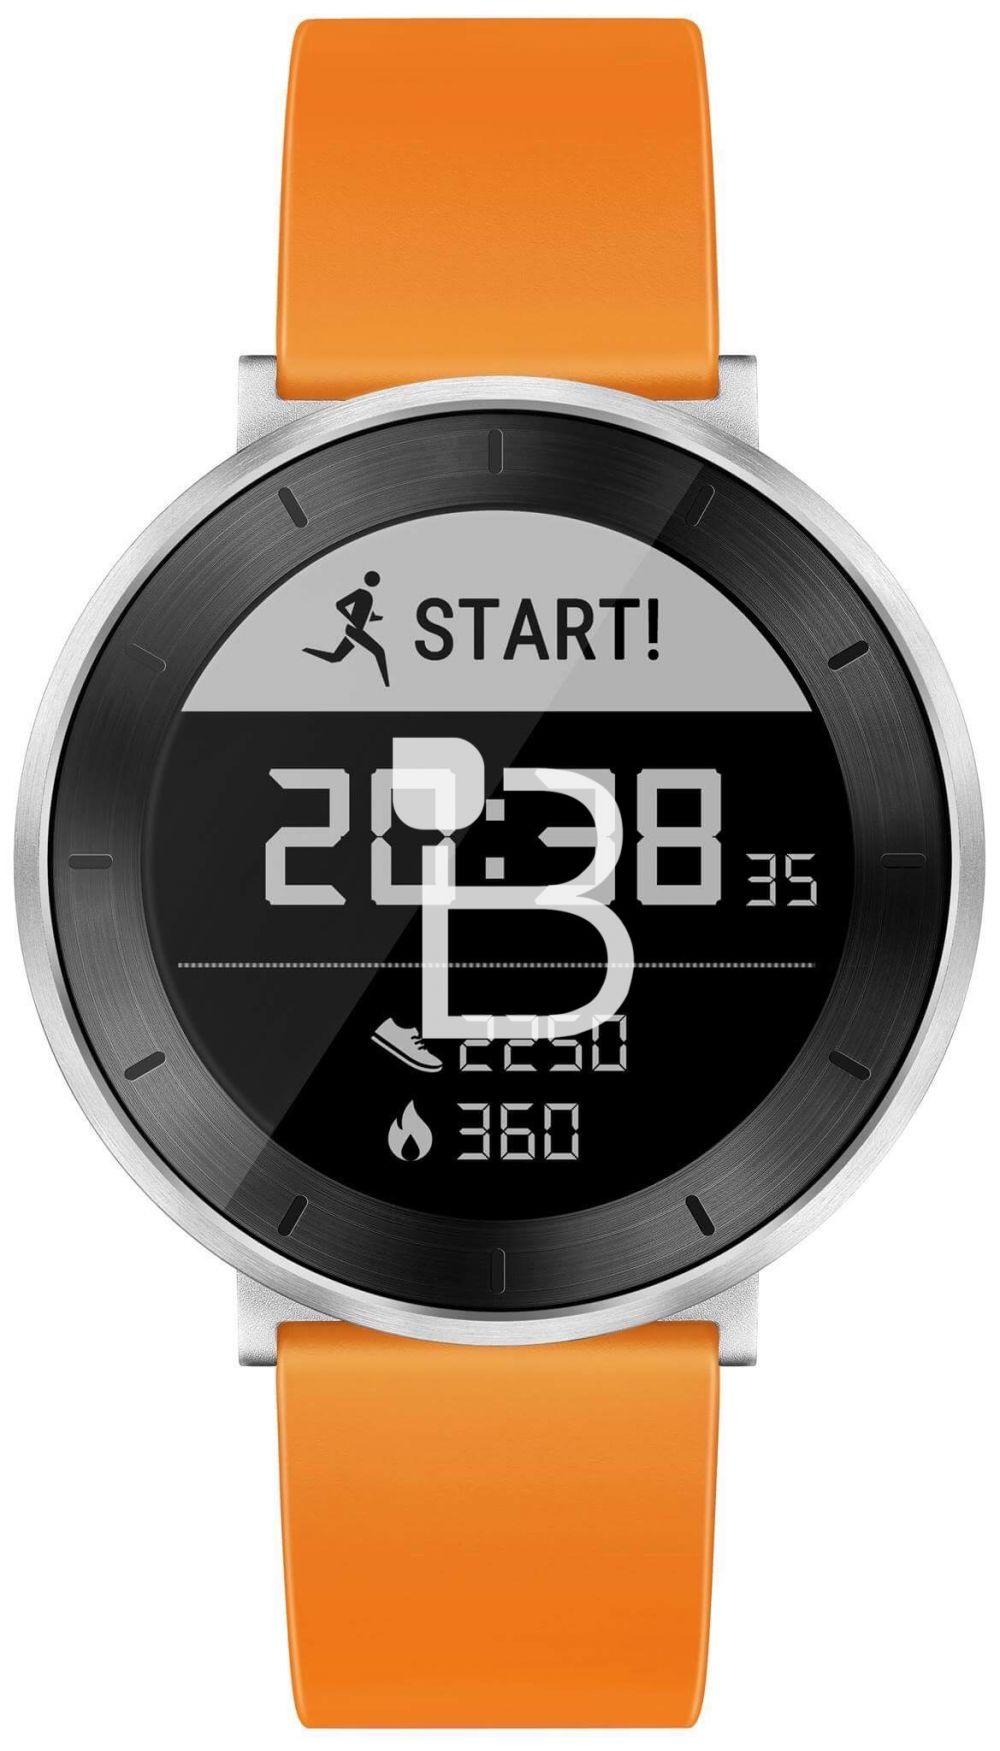 Huawei Fit: ecco il presunto smartwatch del colosso cinese